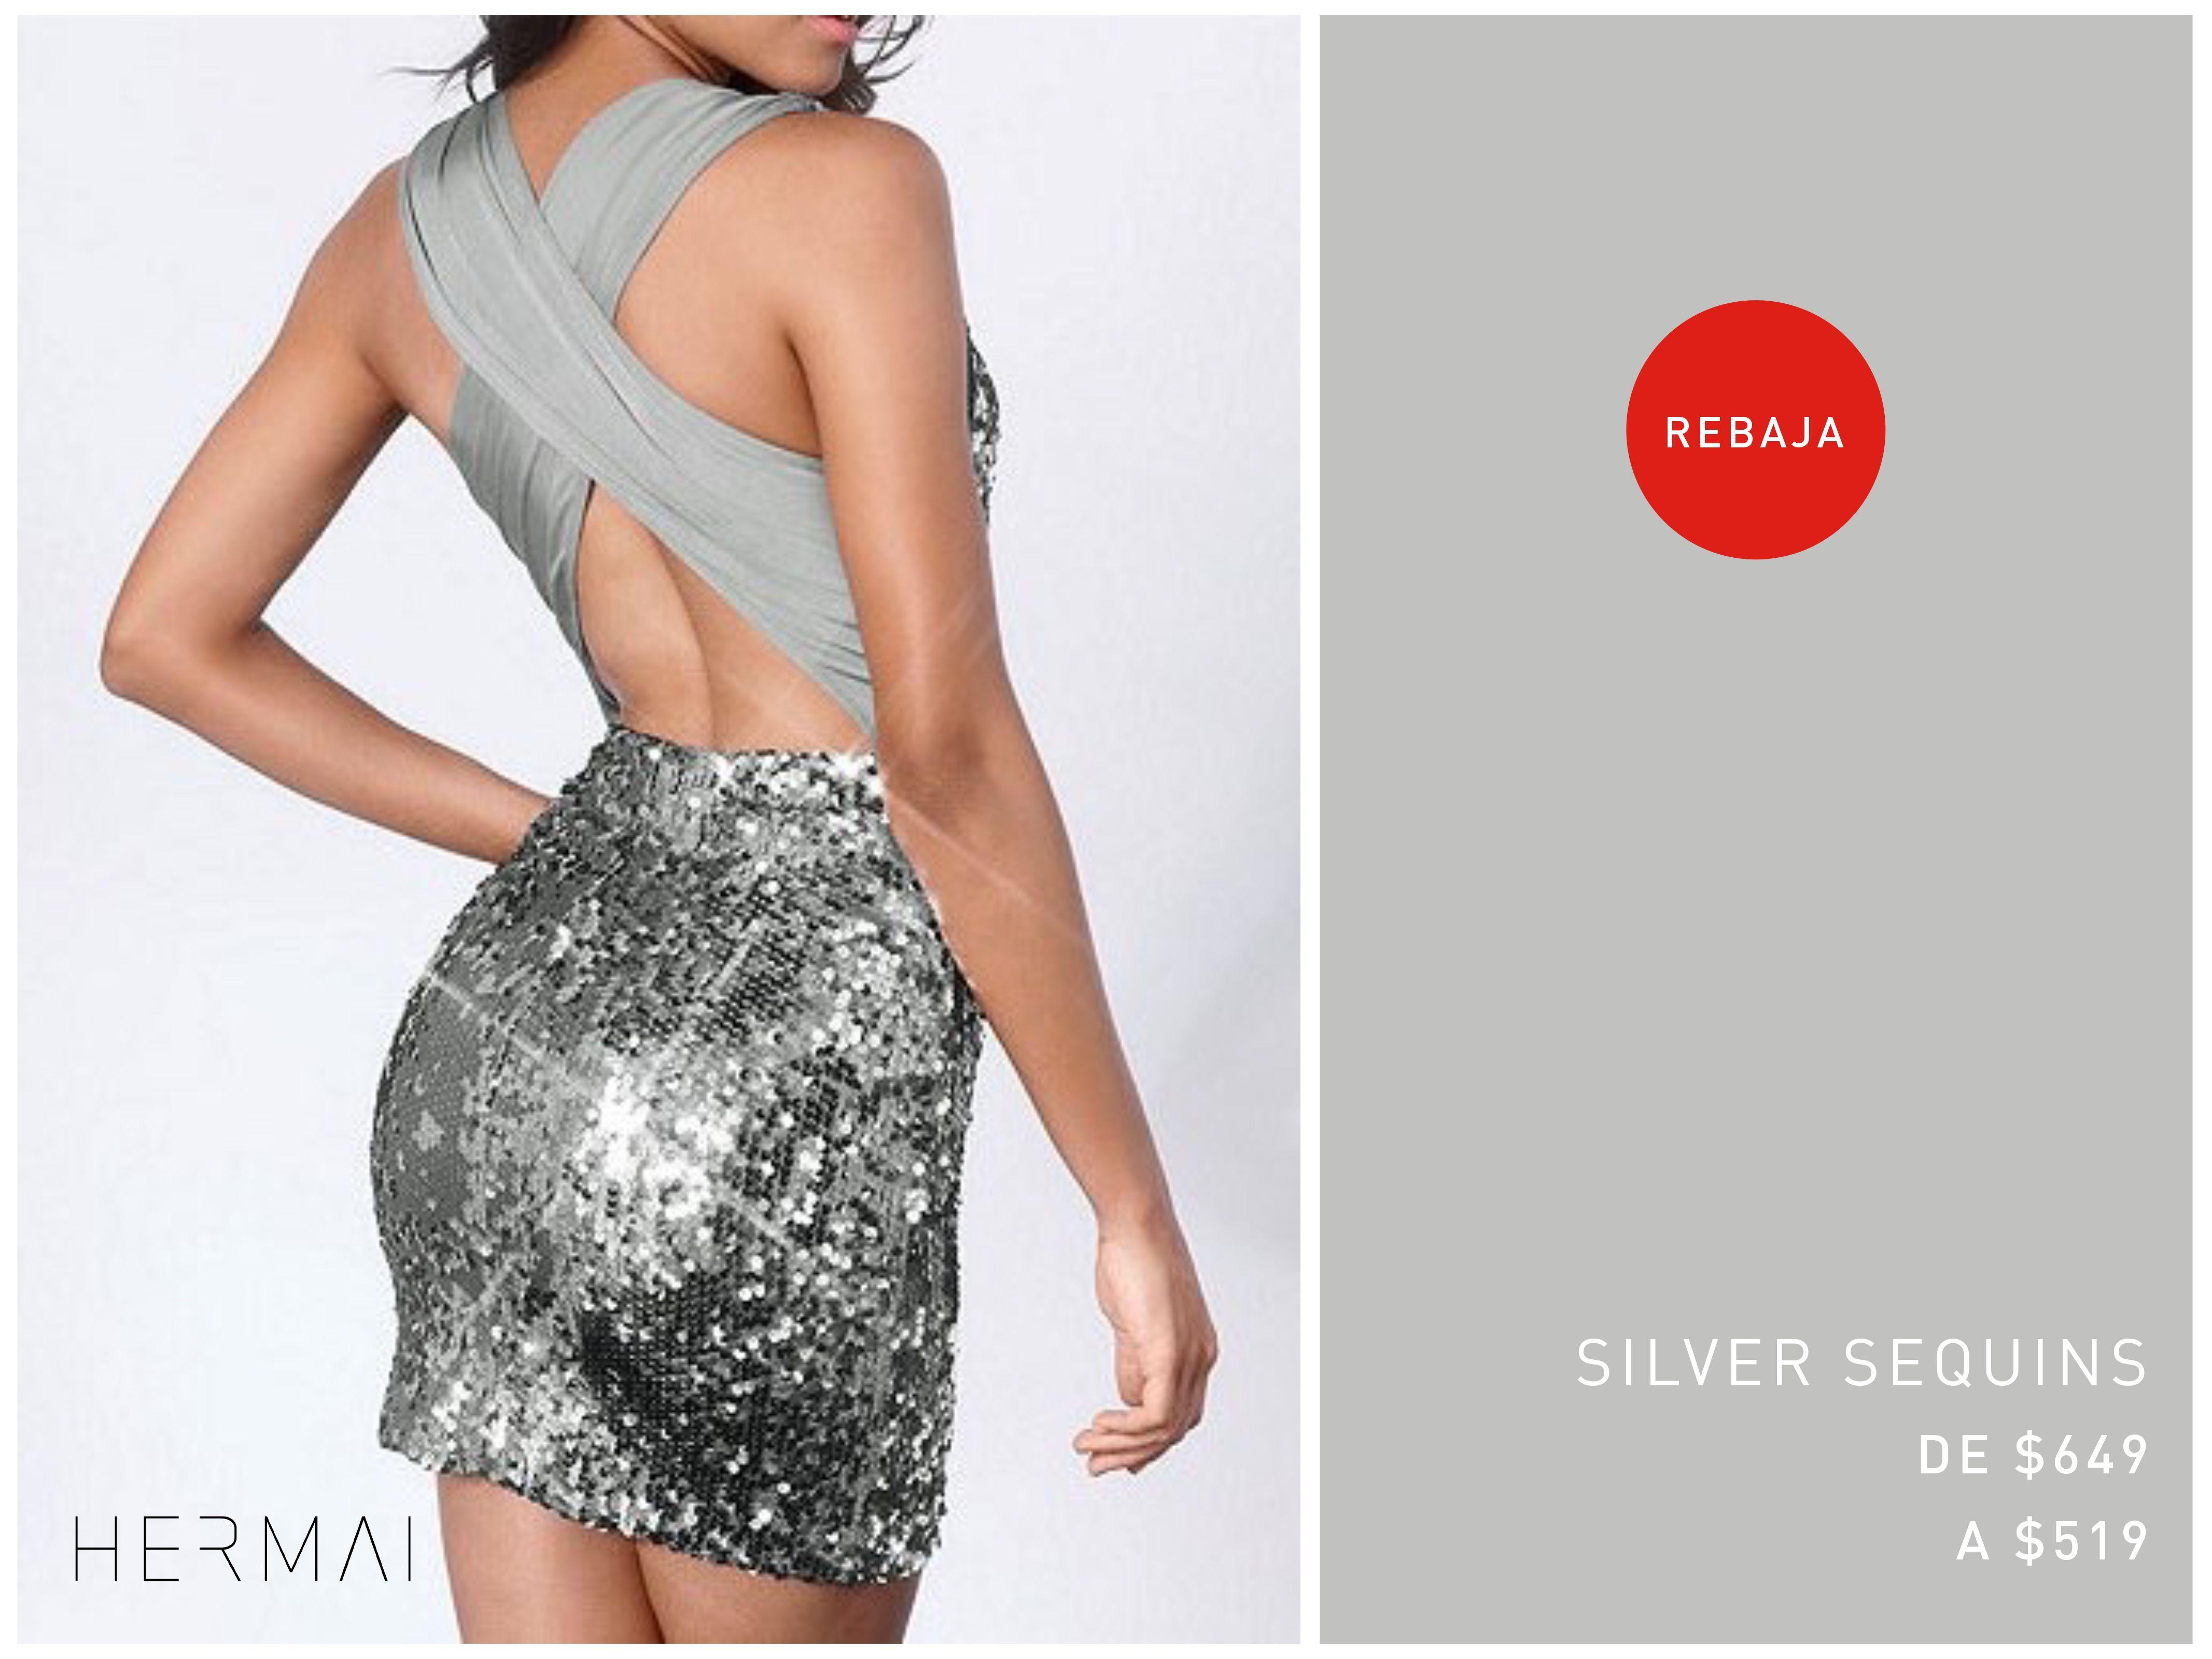 ¡Últimas piezas! Vestido Silver Sequins rebajado de $649 a solo $519 ¡Aprovecha!